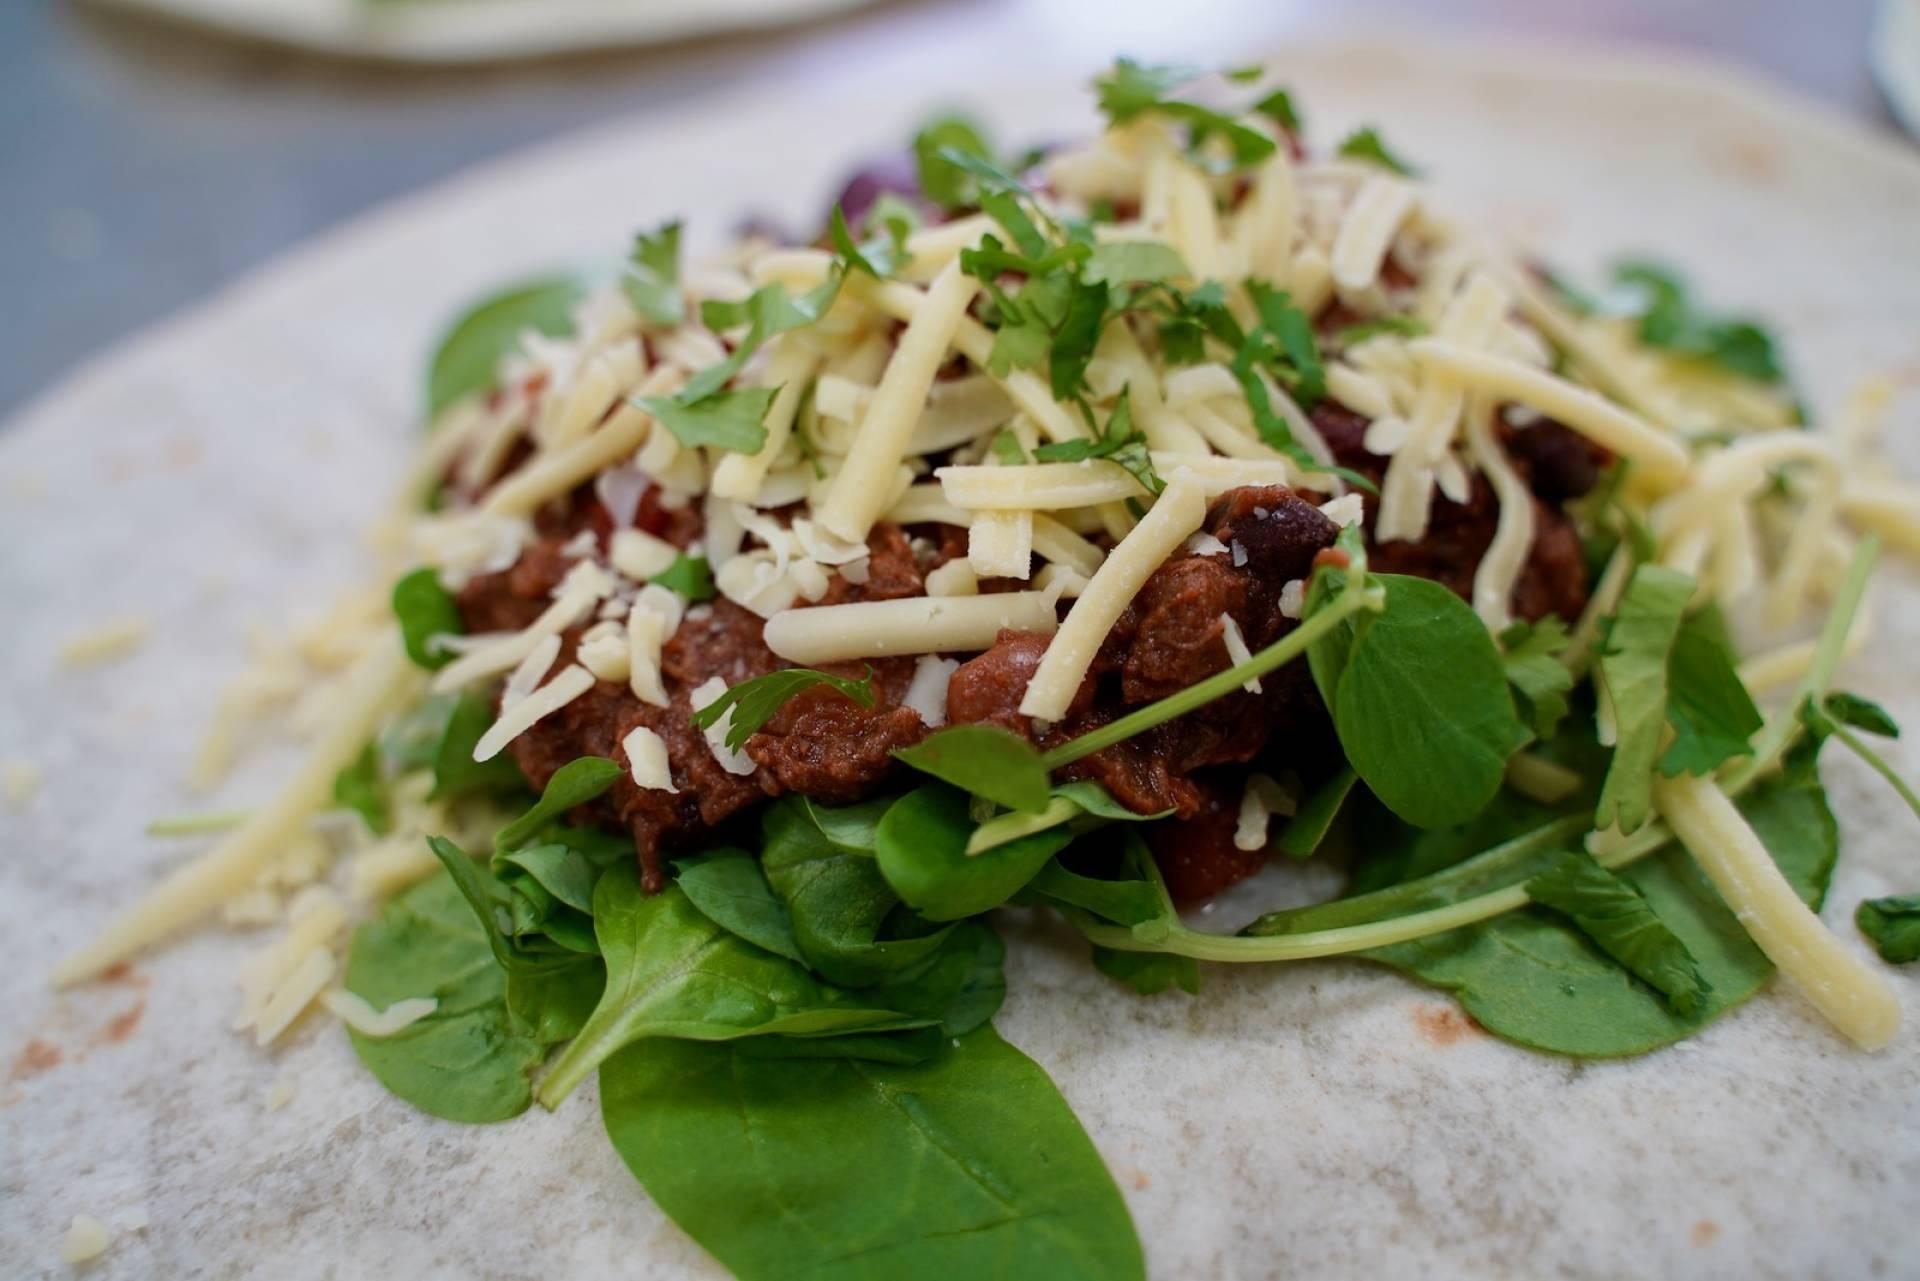 Chipotle Beef Burrito